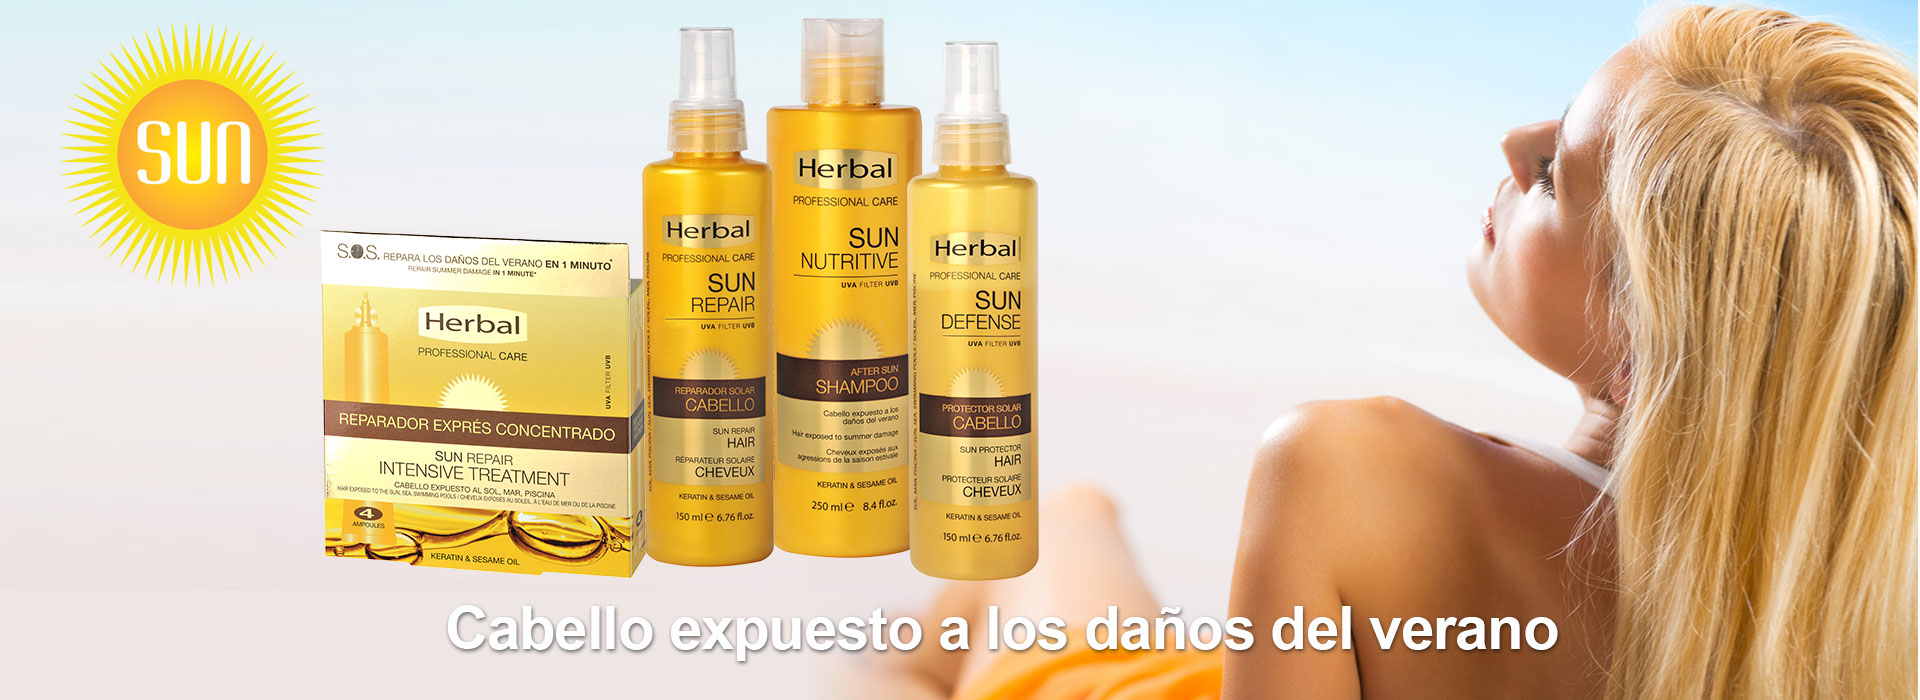 proteccion-solar-cabello